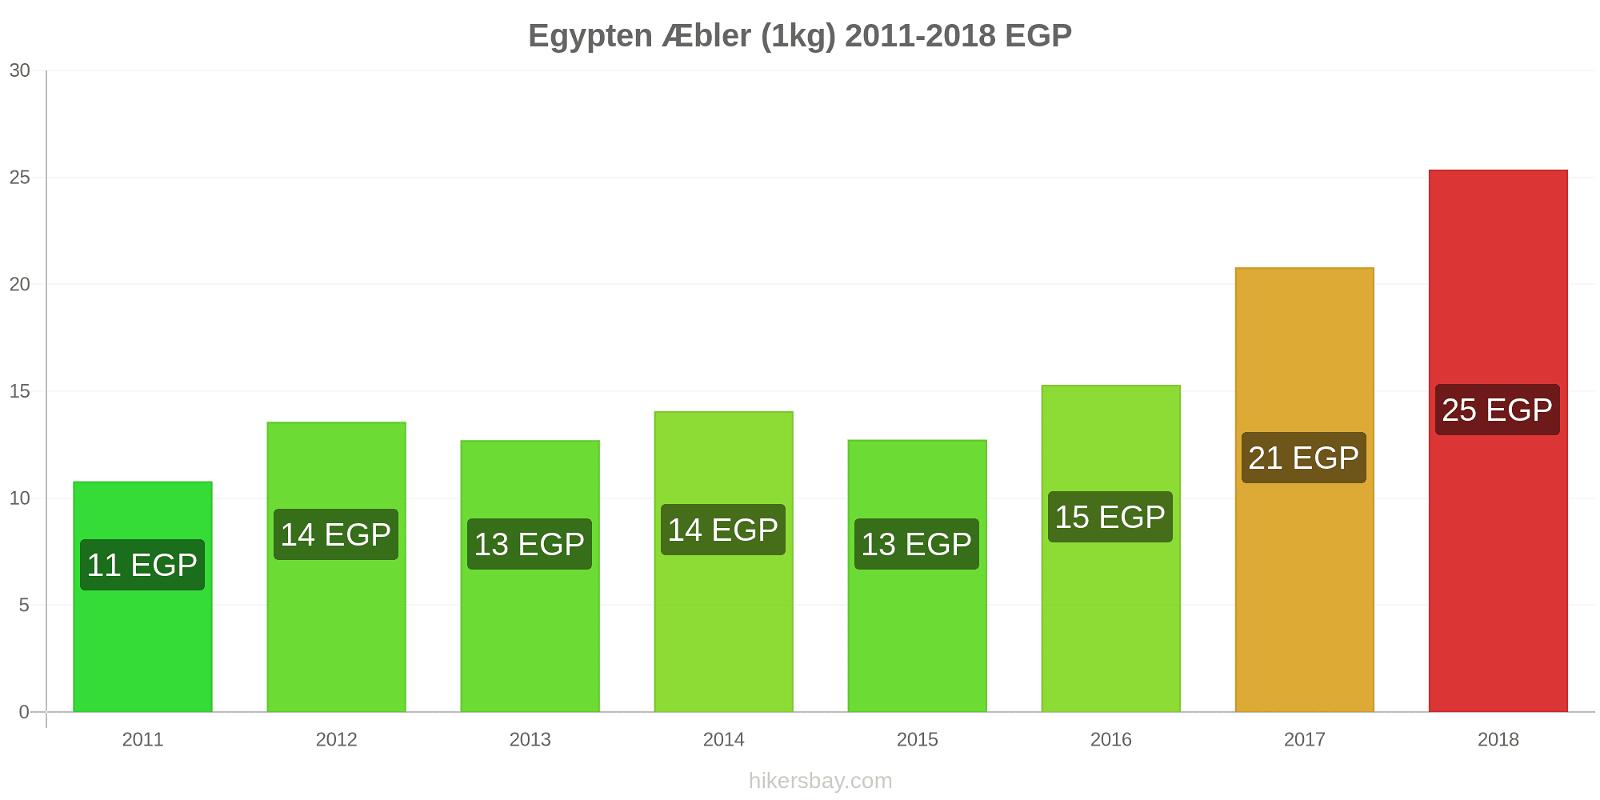 Egypten prisændringer Æbler (1kg) hikersbay.com